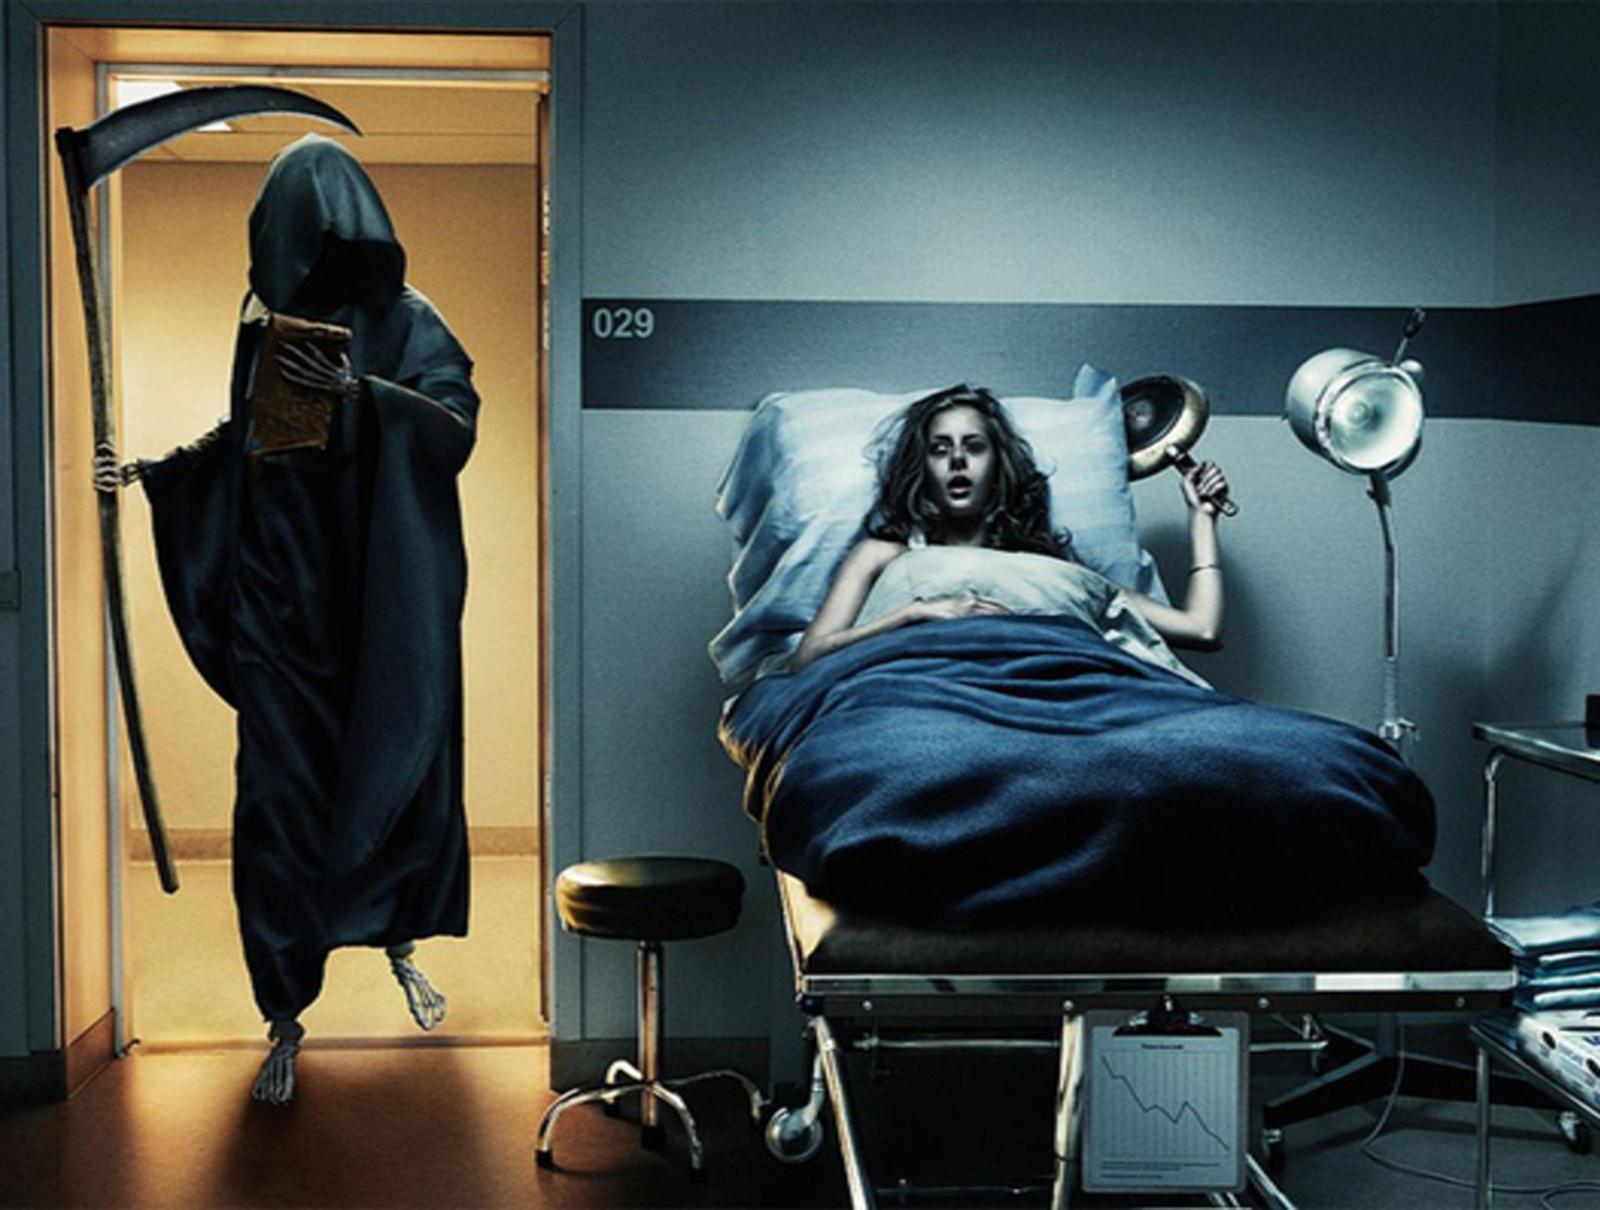 Grim Reaper Hospital Visit